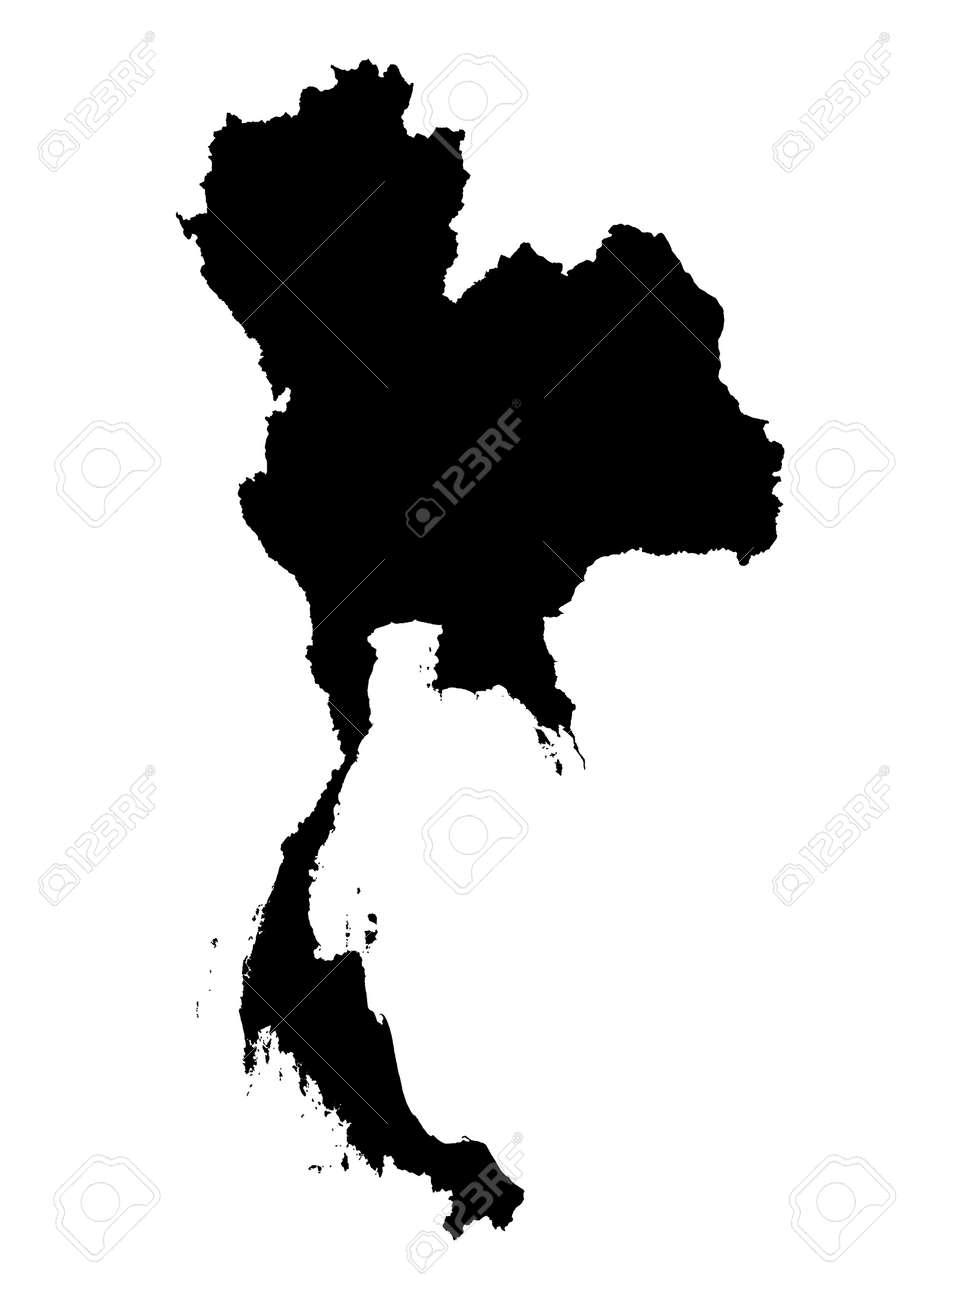 Carte Thailande Noir Et Blanc.Carte Detaillee Isoles De La Thailande Noir Et Blanc Mercator Projection